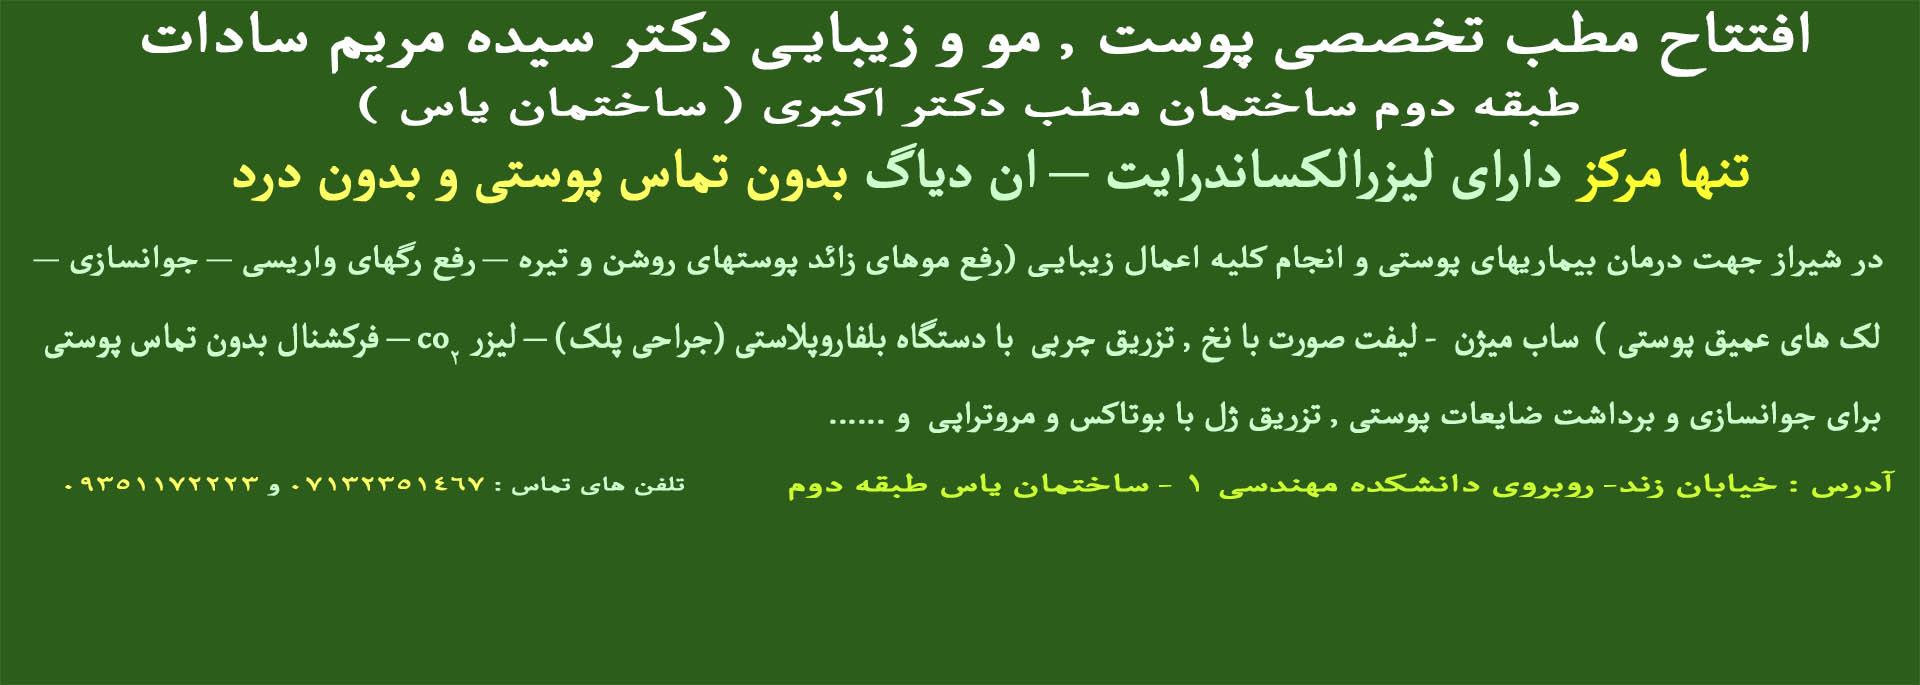 افتتاح مطب تخصصی پوست  مو و زیبایی، دکتر سیده مریم سادات